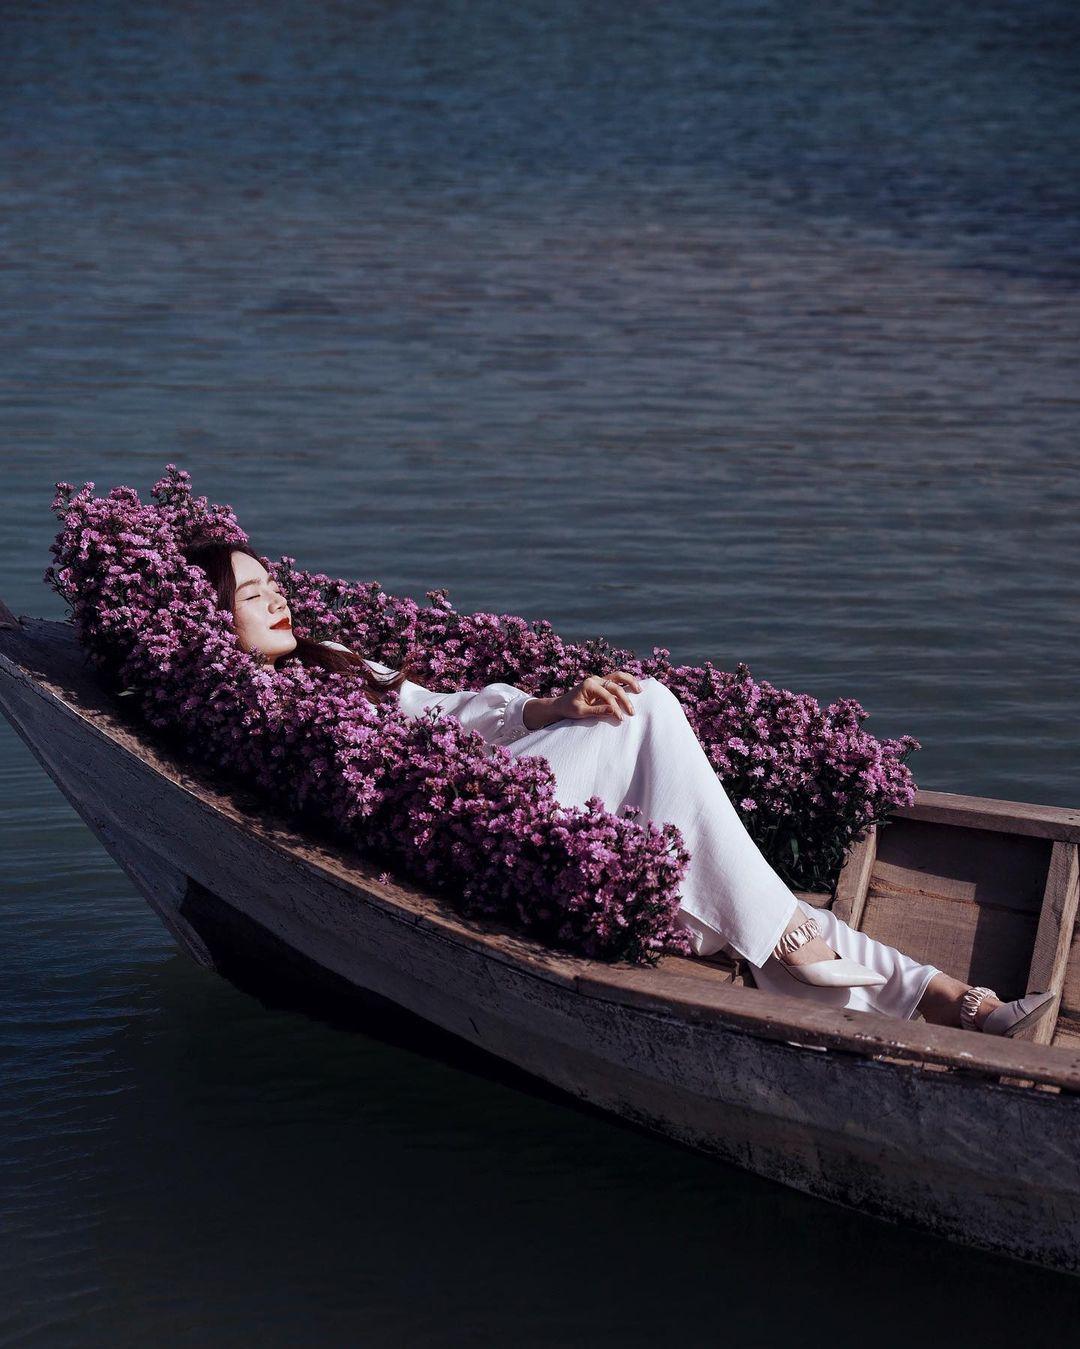 Bật mí 5 góc chụp 'đẹp miễn chê' tại hồ Đá Xanh, Vũng Tàu  - Ảnh 6.